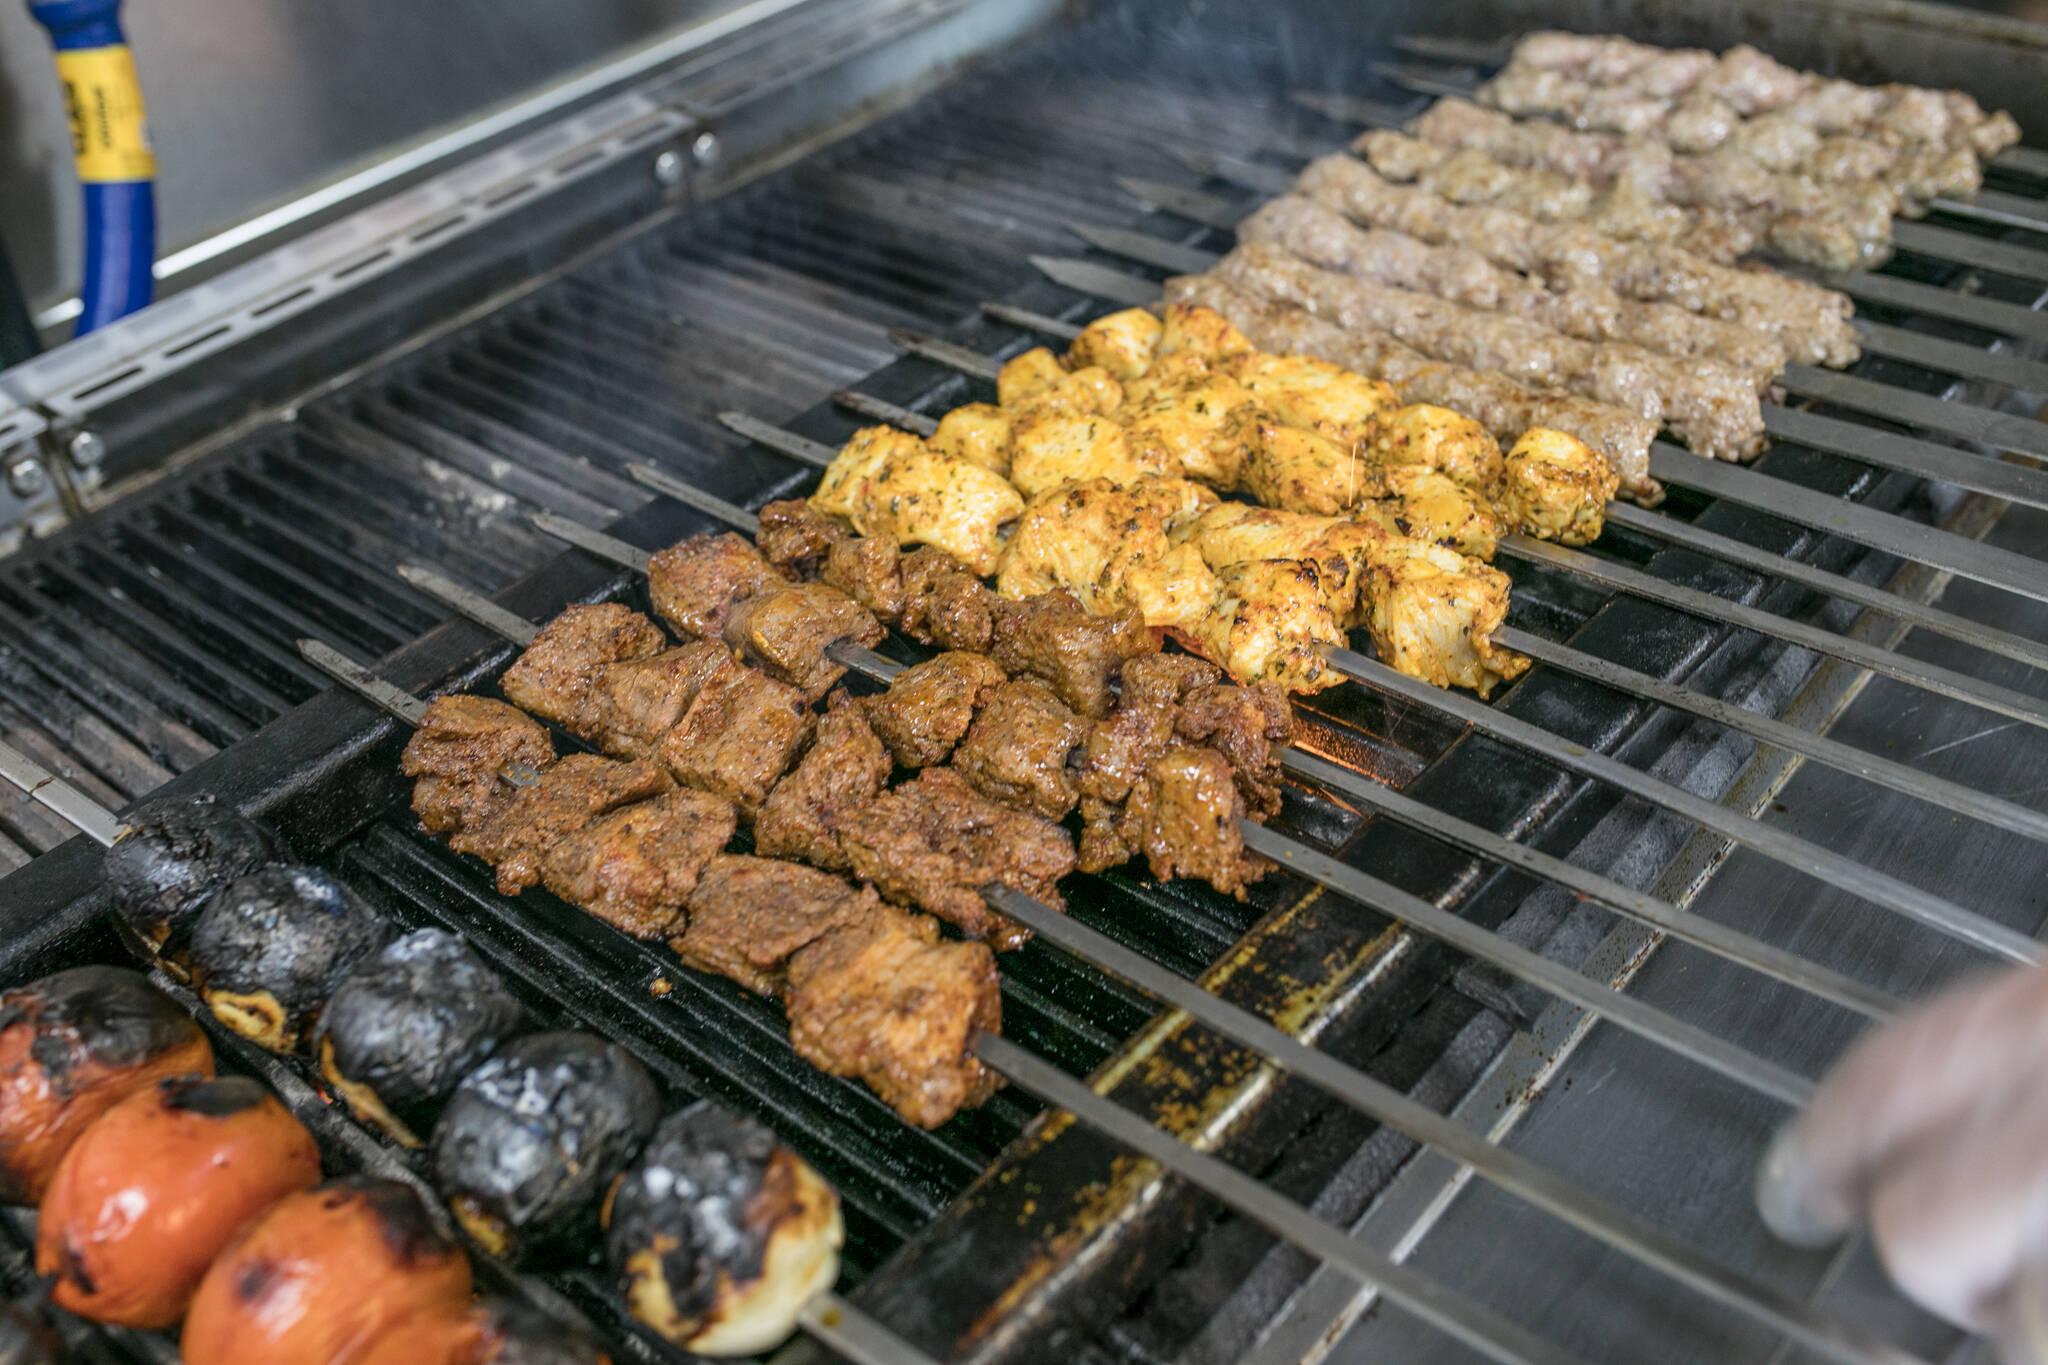 syrian restaurant toronto